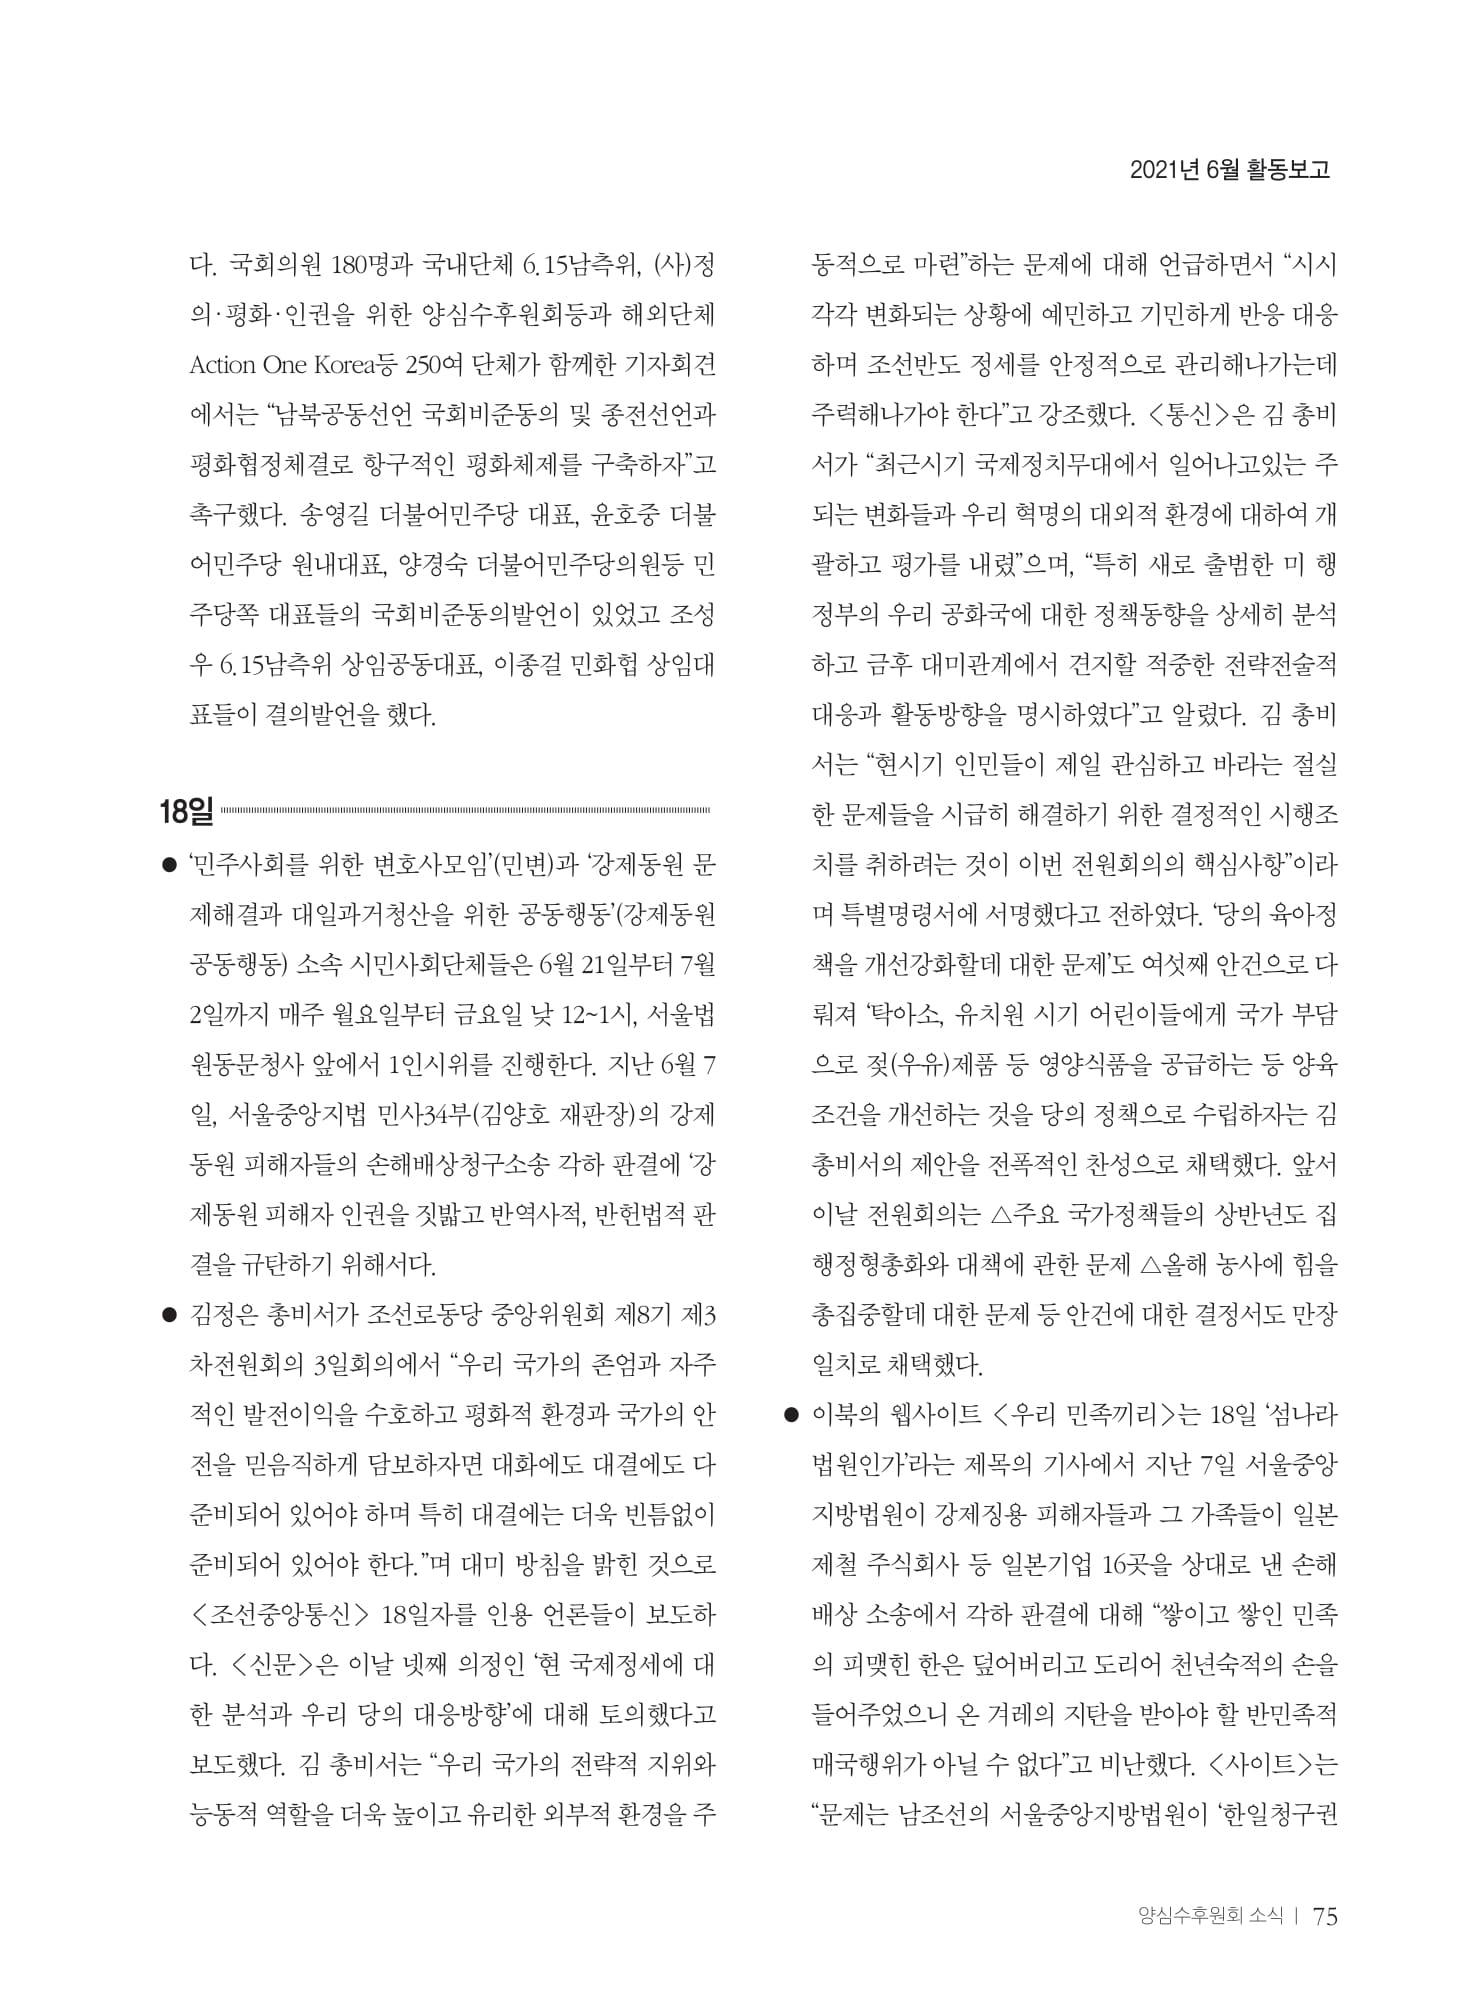 [양심수후원회] 소식지 354호 web 수정-77.jpg